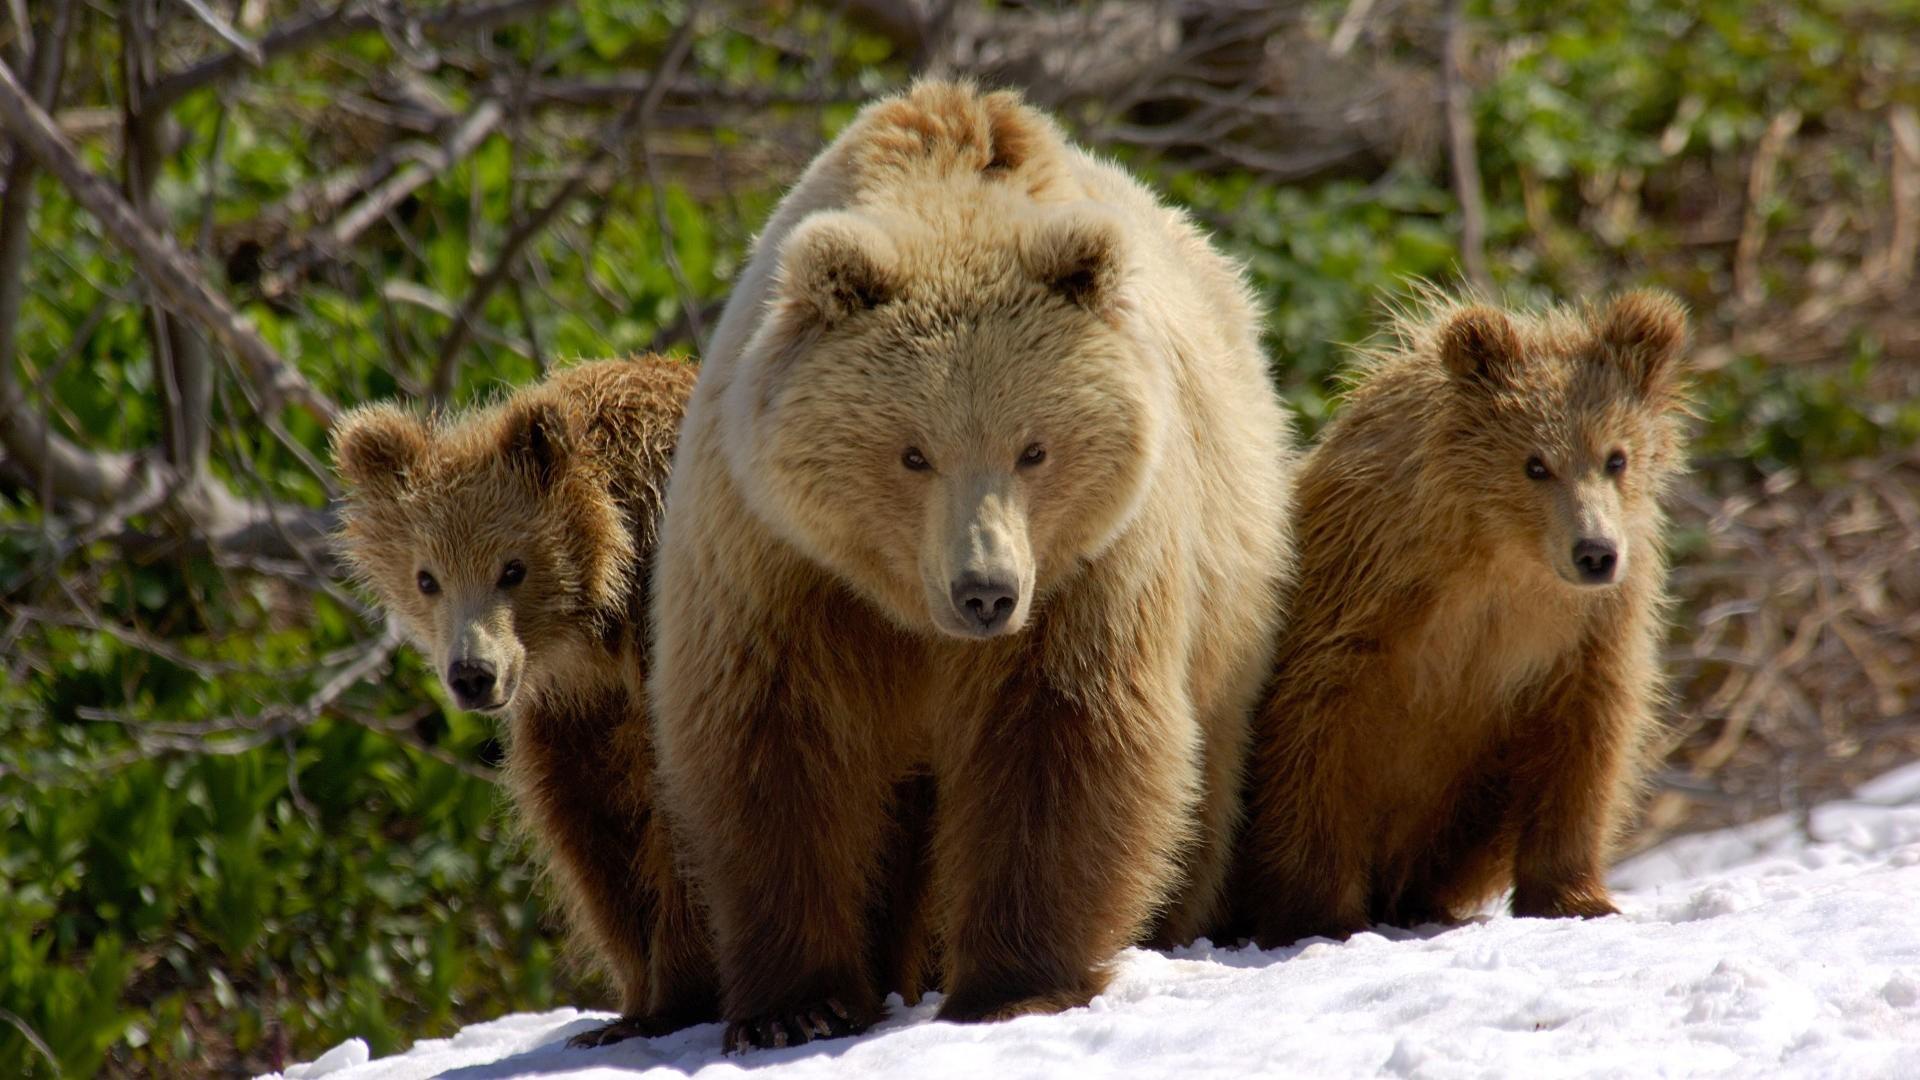 Скачать обои три медведя 1920x1080